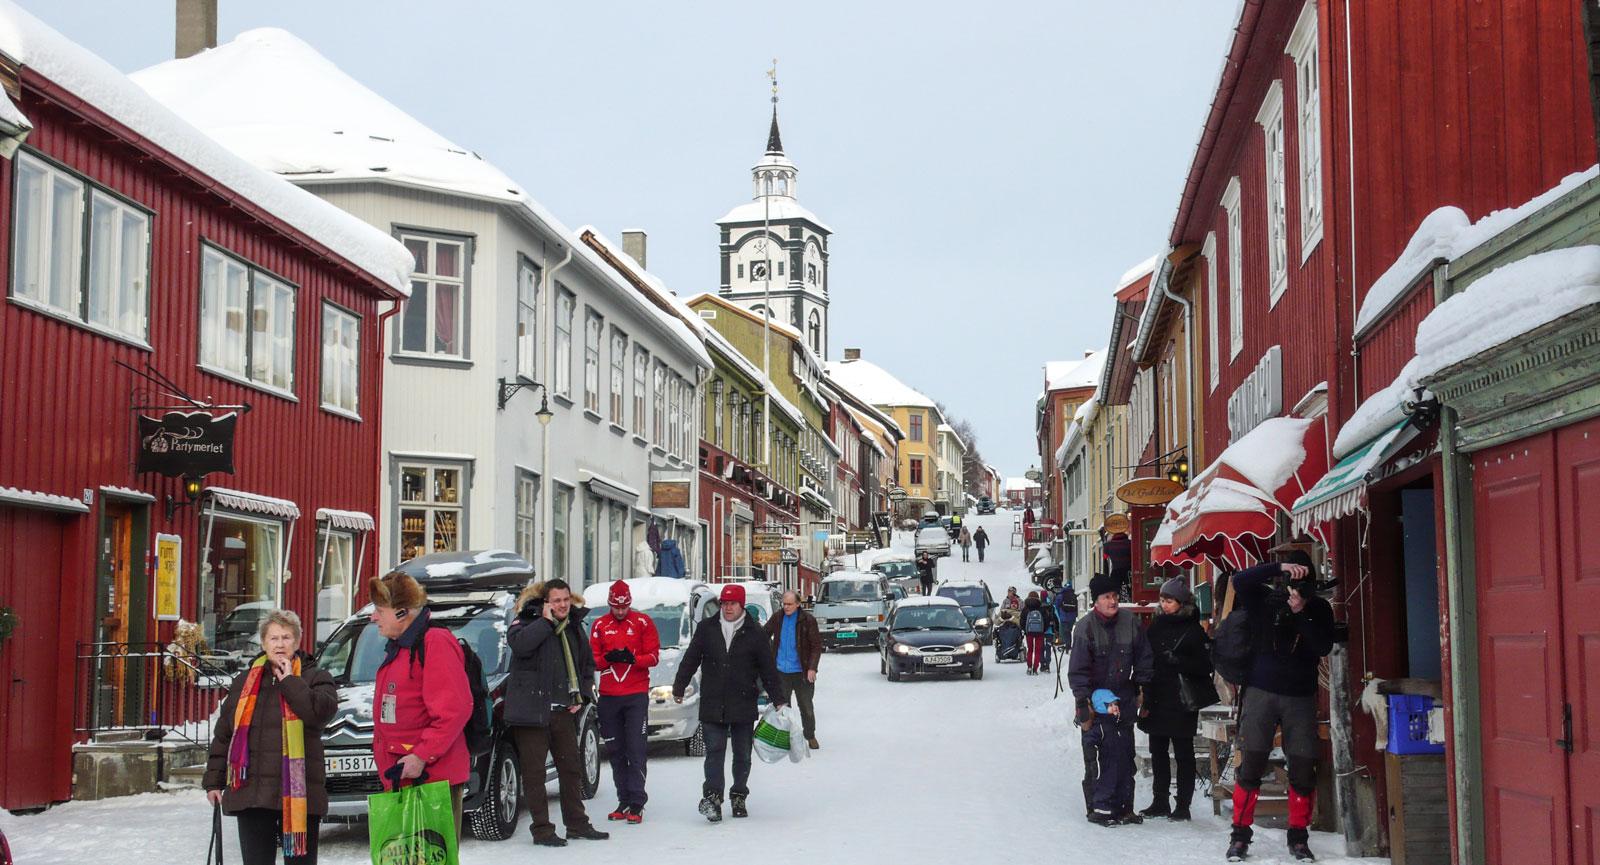 Norska Røros har små hantverksbutiker och mysiga kaféer.